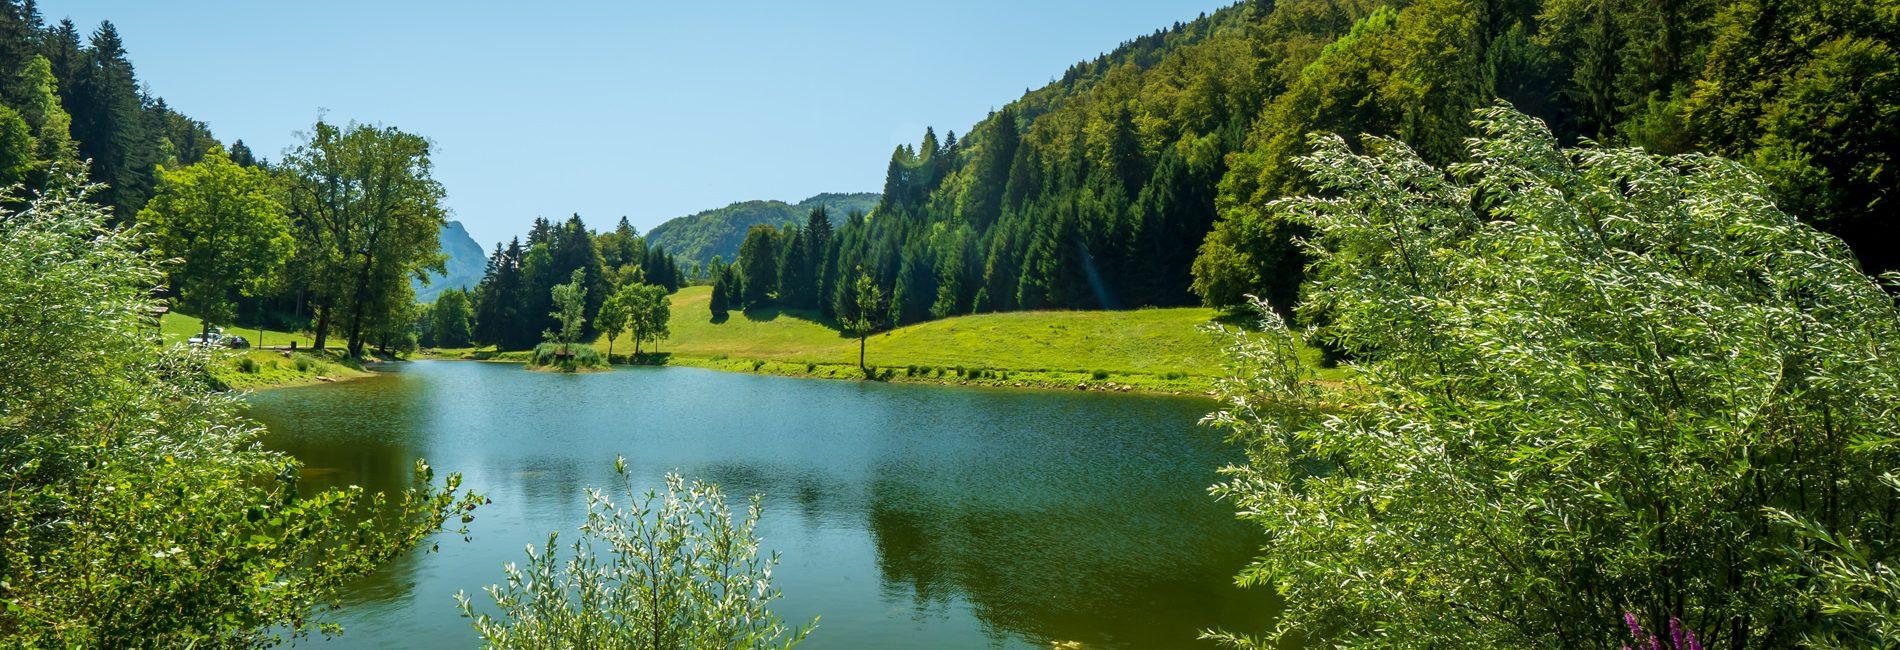 002 08 19 Lac d'Anthon© Gilles Piel